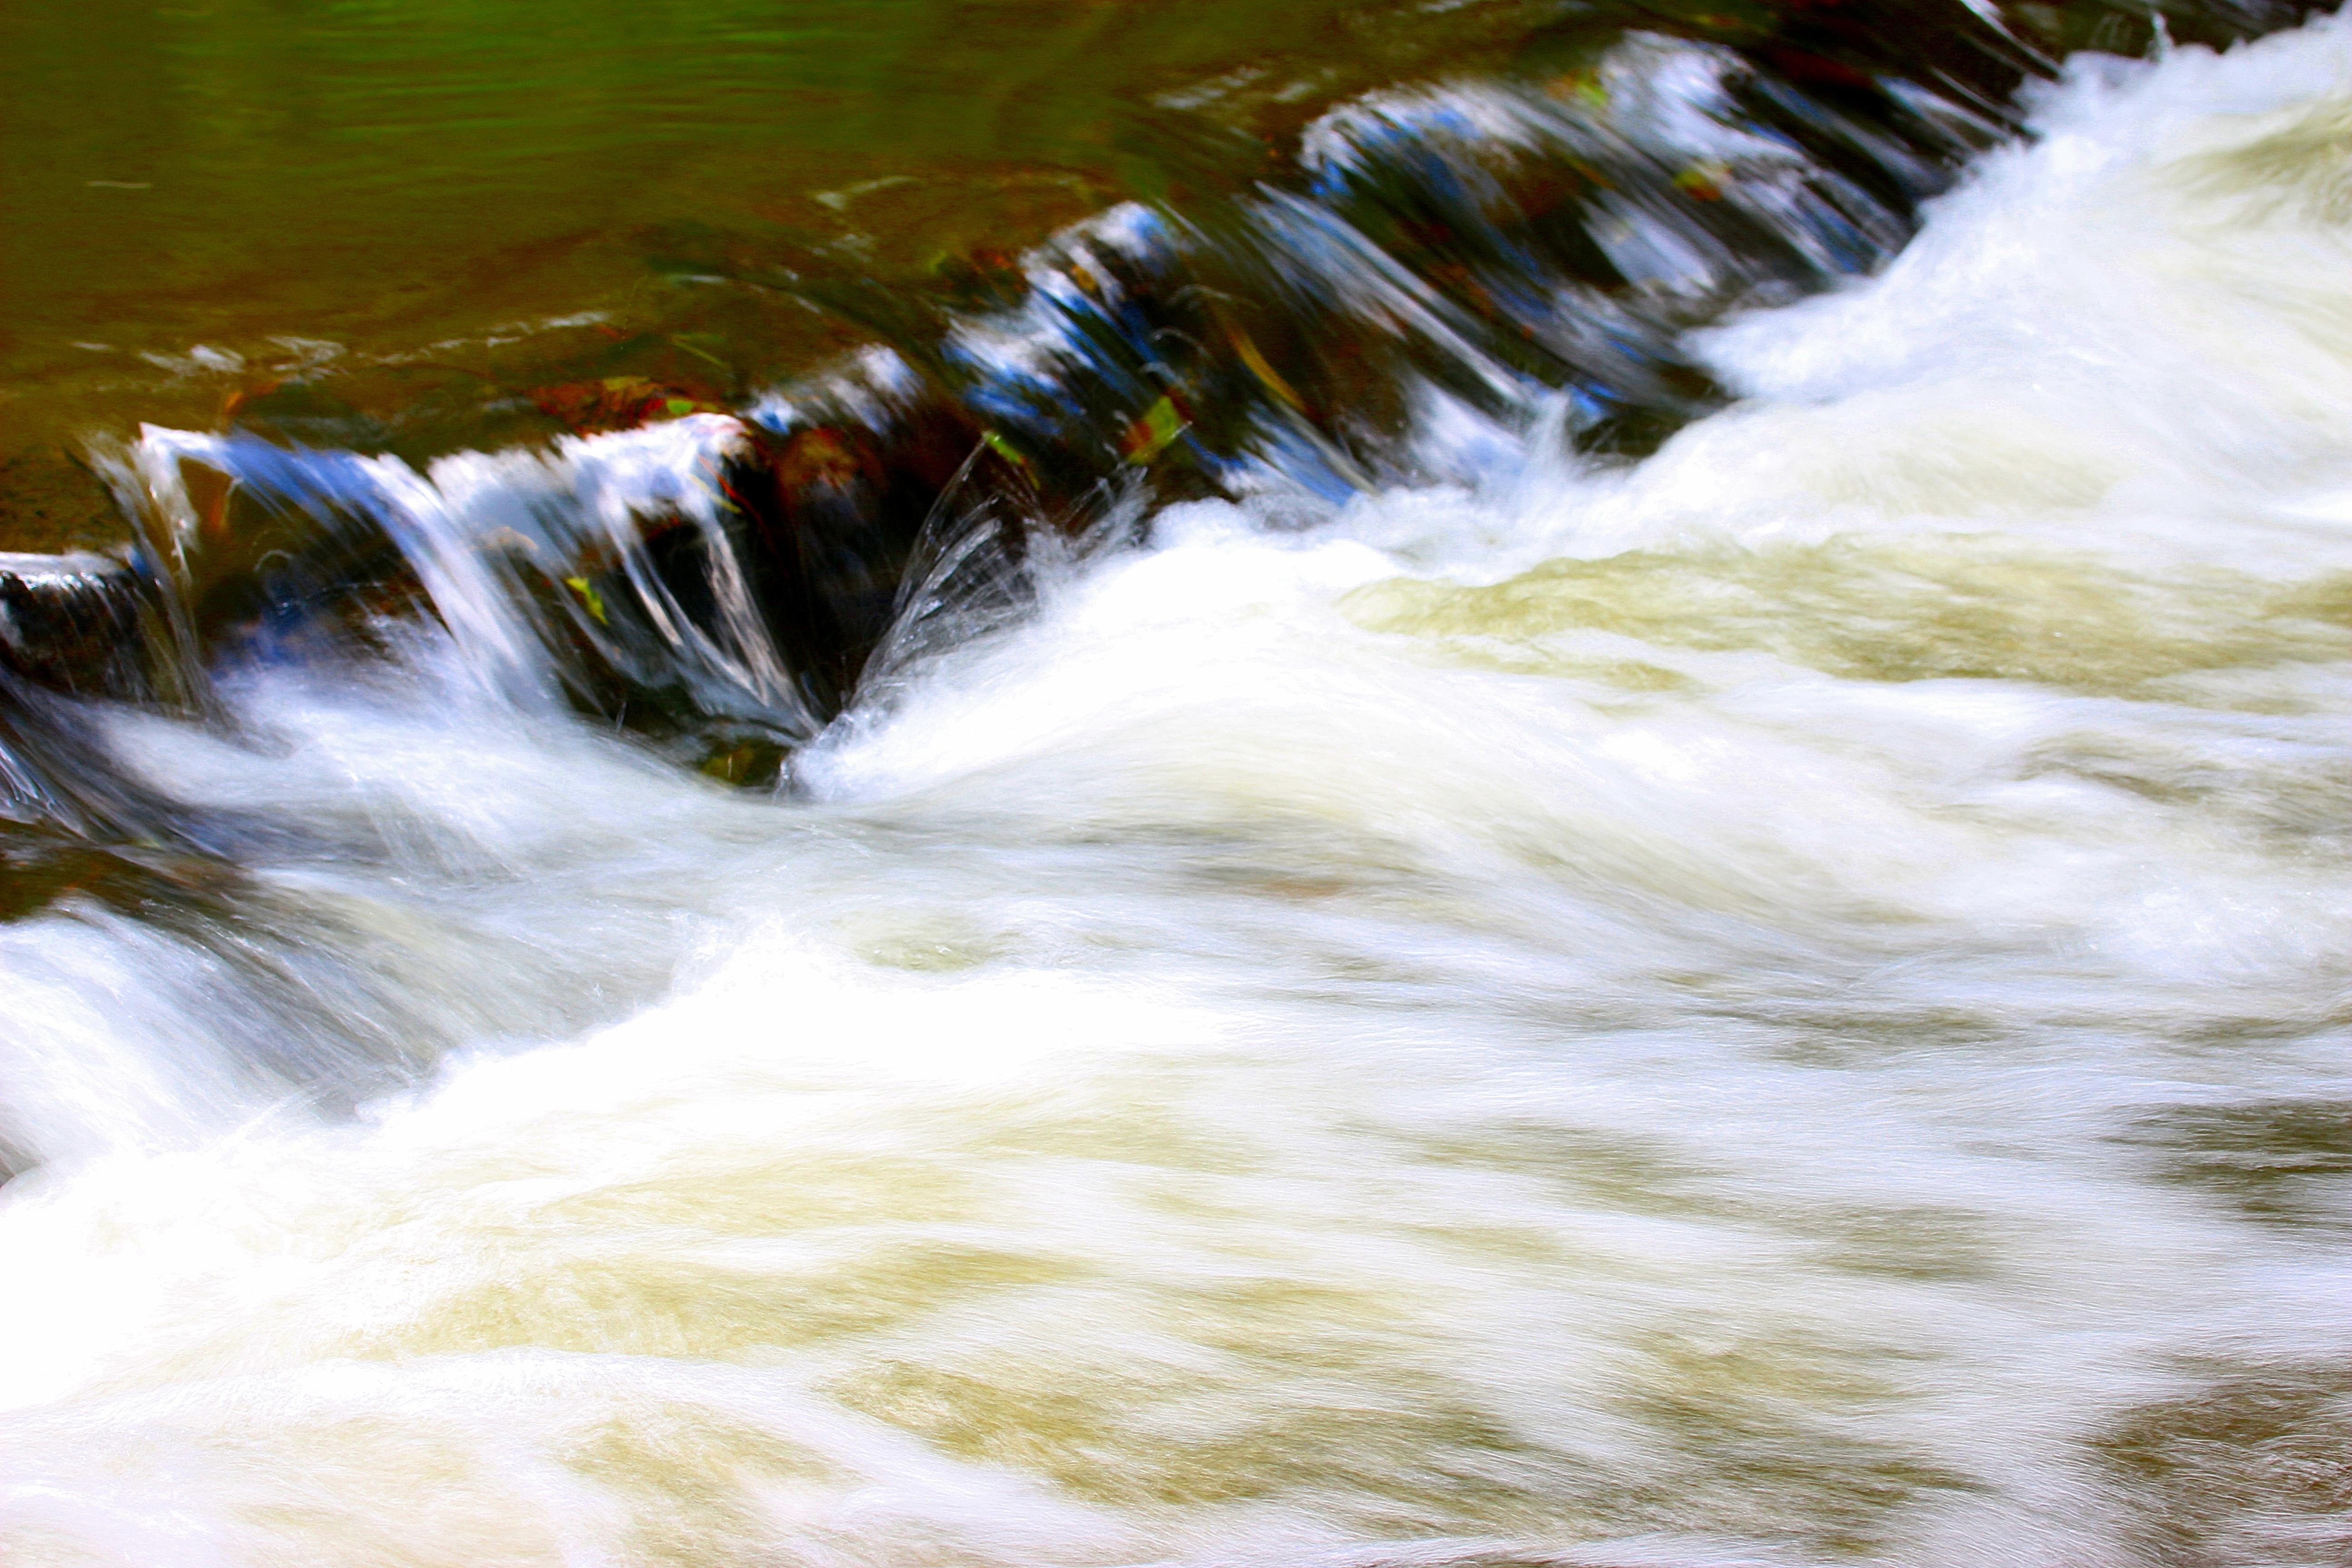 voda Příroda vodopád vlna řeka proud tok kaluž rychlý romantický dlouhé  expozice bublina tělo z vody 4320c1b0afa